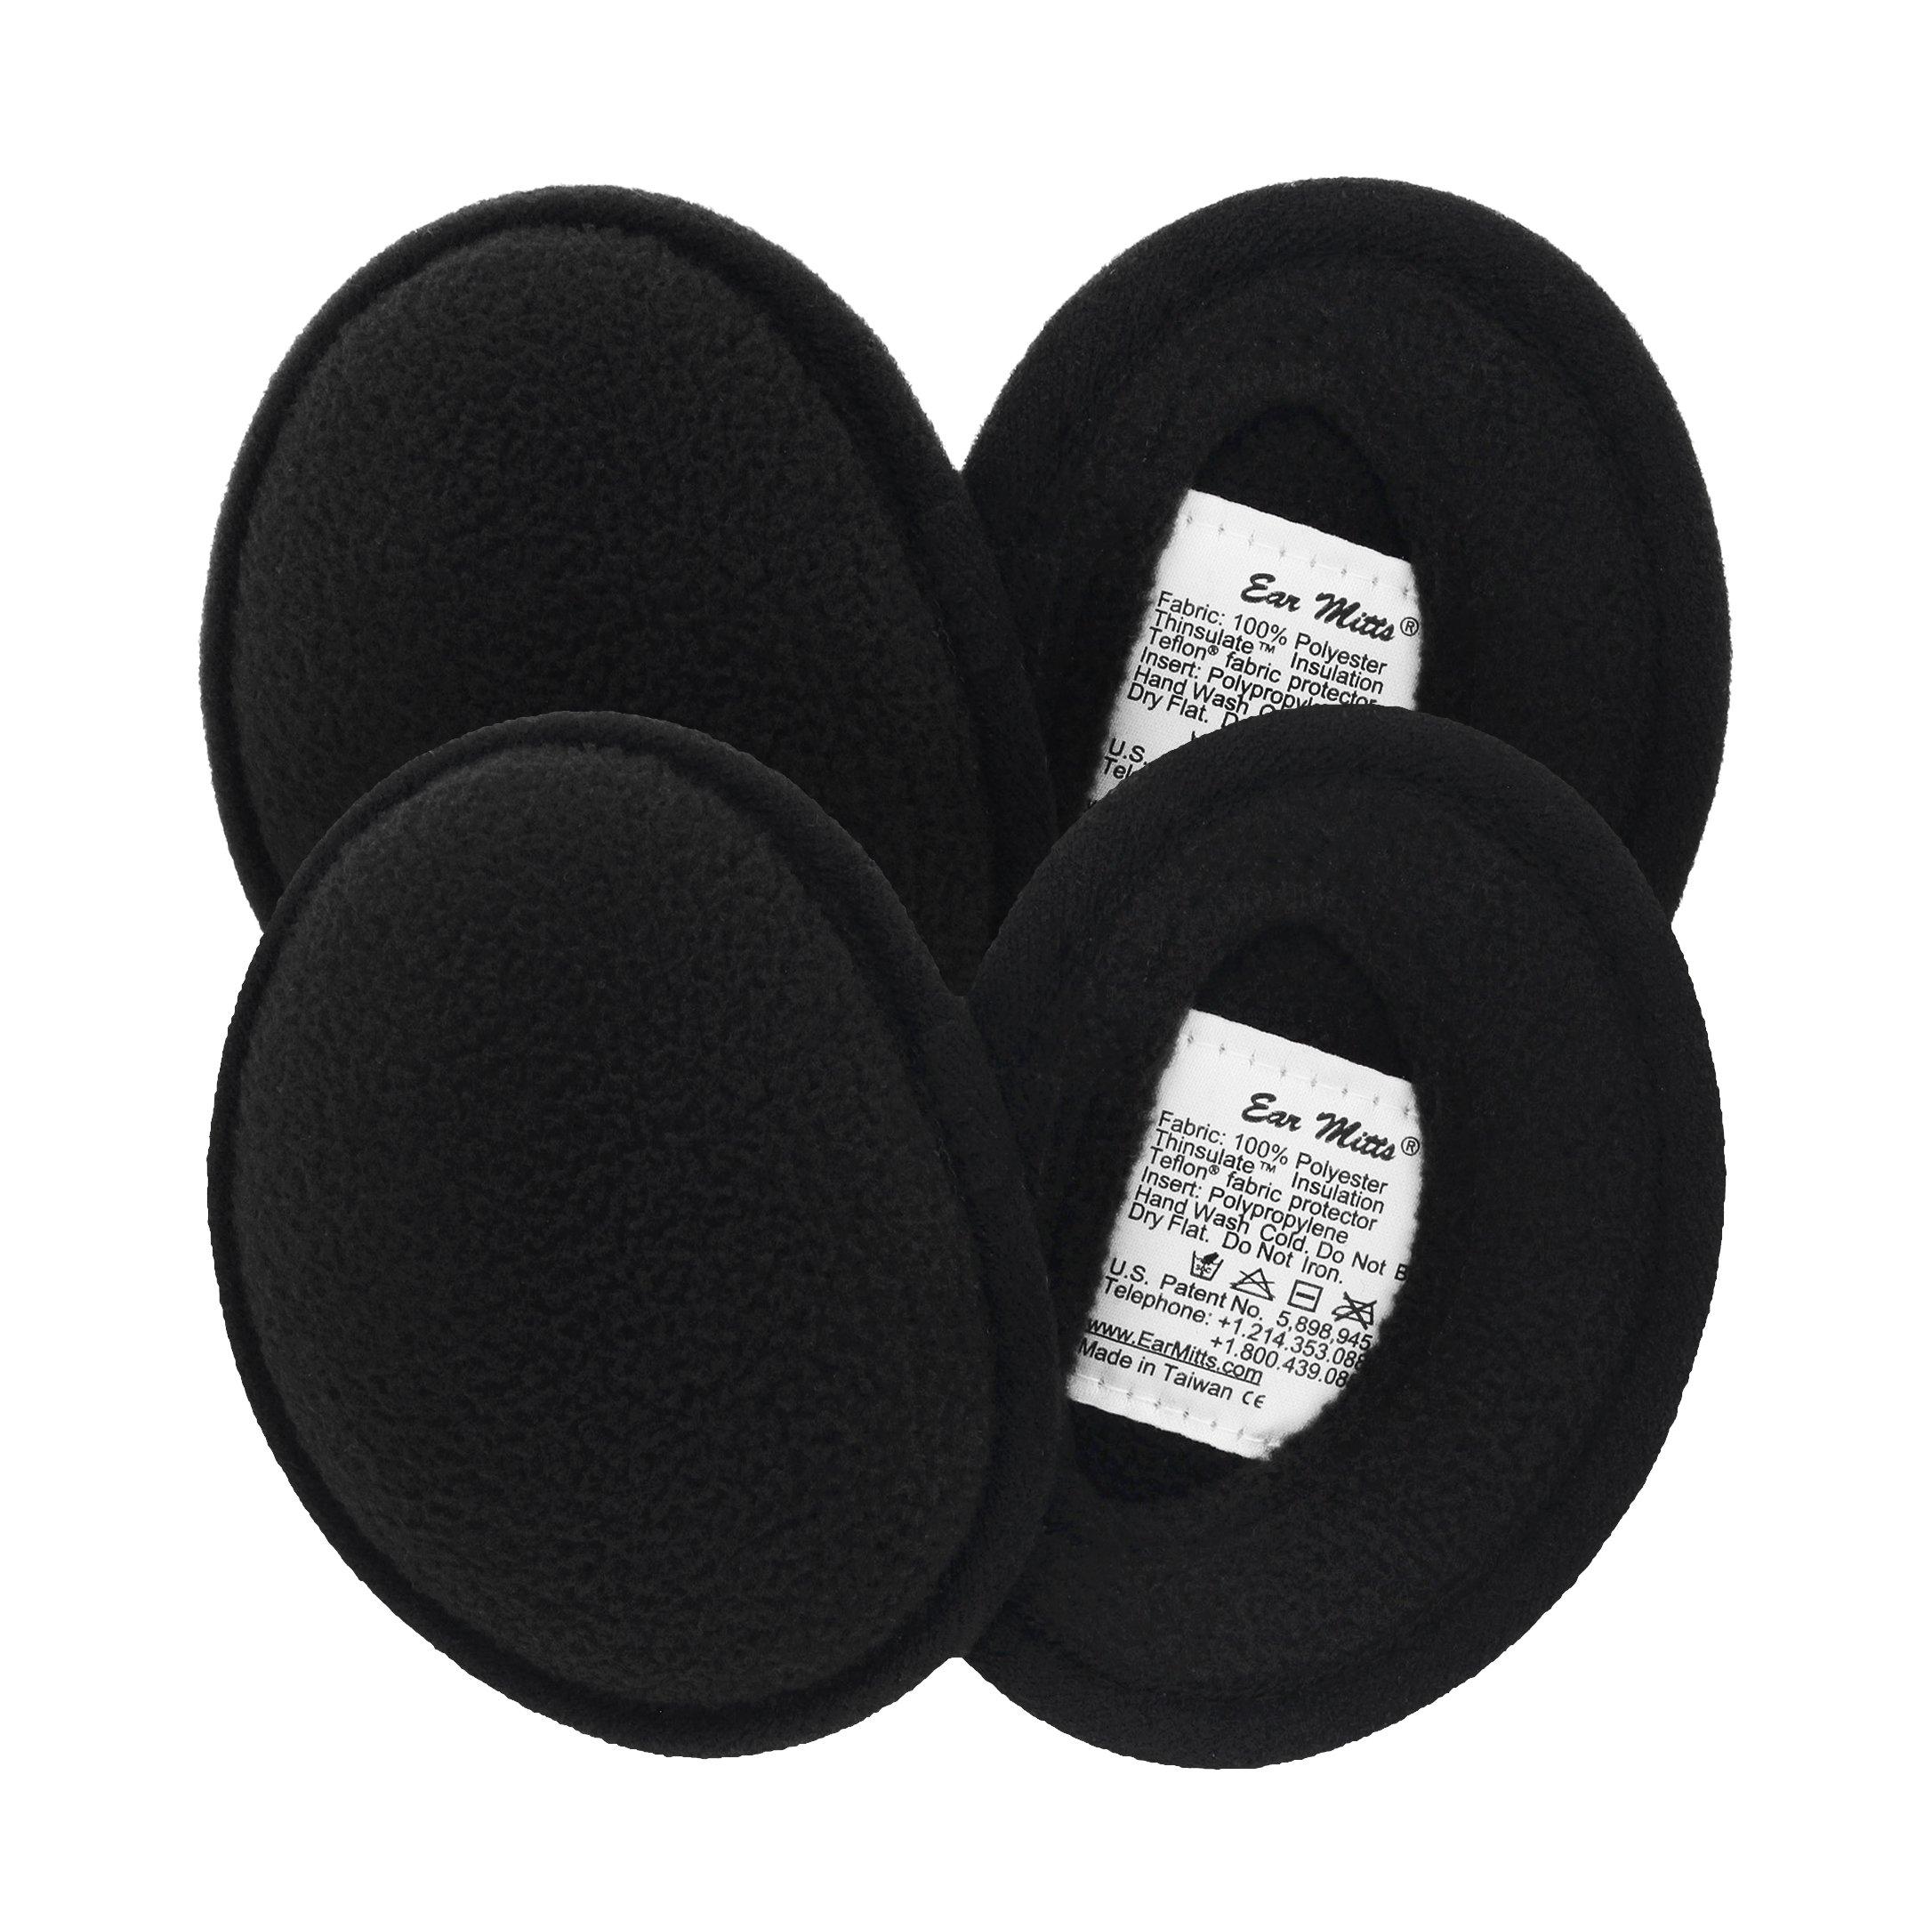 2 Pack Ear Mitts Fleece Bandless Winter Ear Muffs For Men & Women, Black, Regular